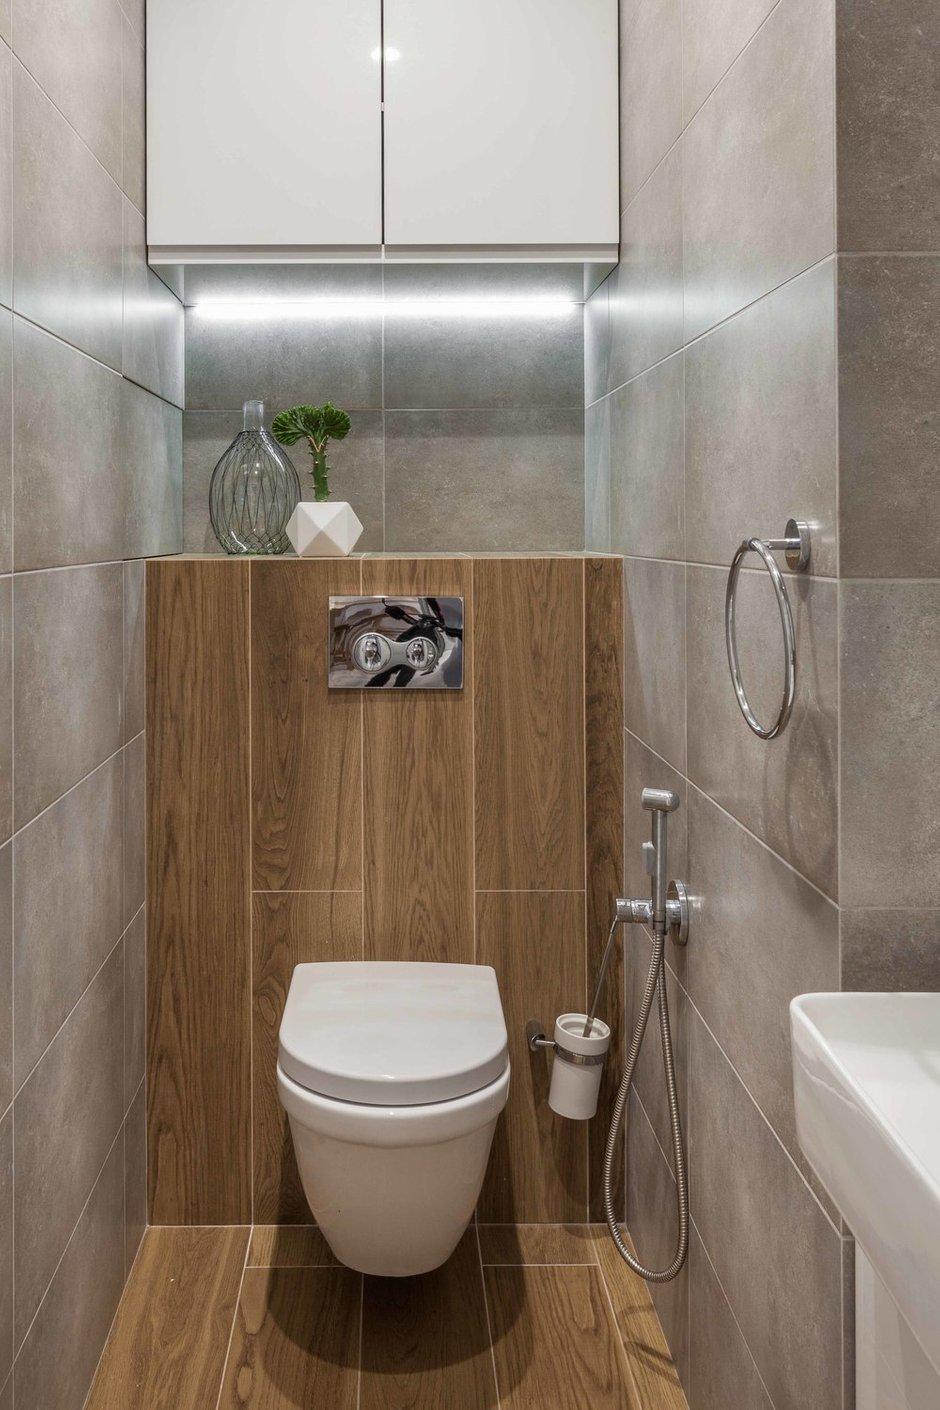 Фотография: Ванная в стиле Современный, Квартира, Проект недели, Минск, 3 комнаты, 60-90 метров, Вероника Зазнова – фото на INMYROOM